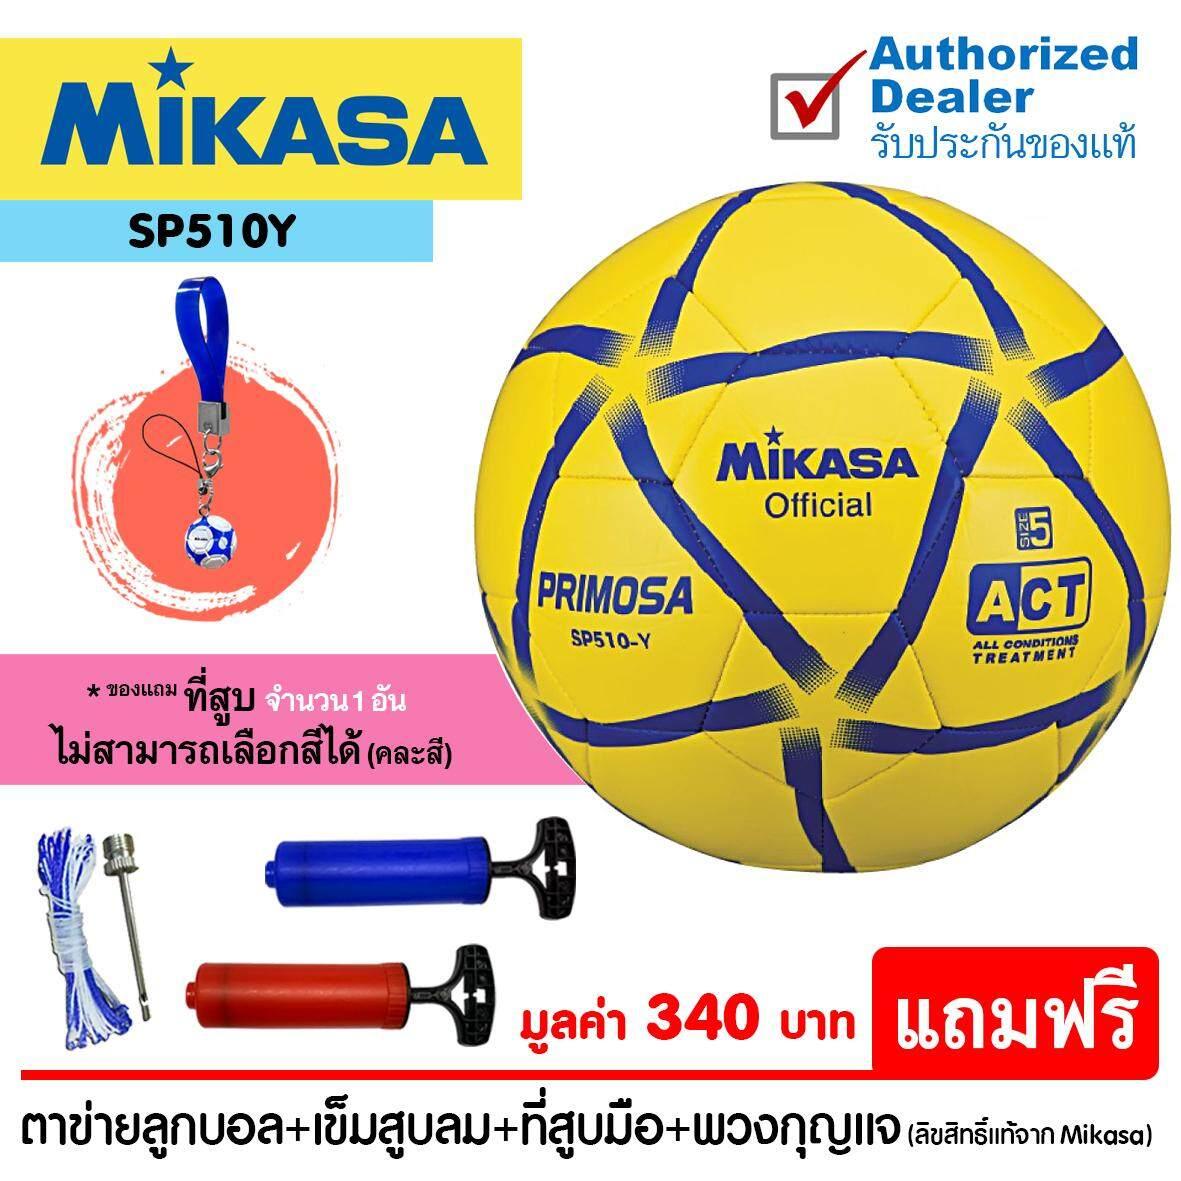 ยี่ห้อนี้ดีไหม  กาญจนบุรี MIKASA ฟุตบอล Football MKS TPU รุ่น SP510Y - Yellow แถมฟรี ตาข่ายใส่ลูกฟุตบอล + เข็มสูบสูบลม + สูบมือ SPL รุ่น SL6 สีชมพู + พวงกุญแจ